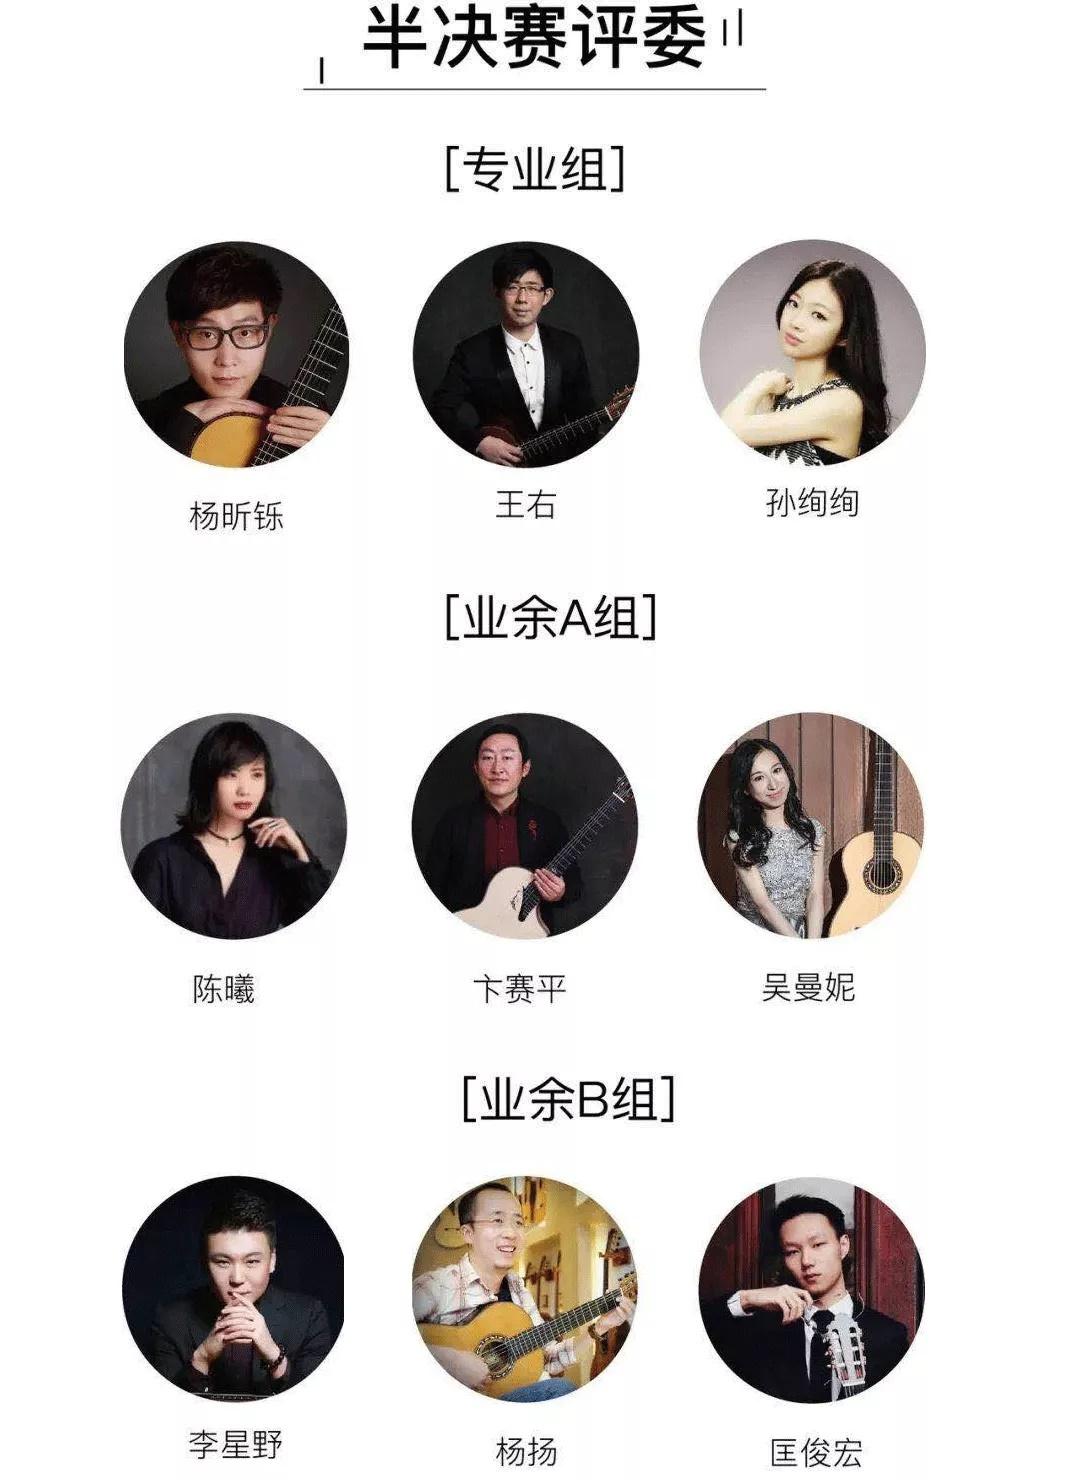 开榜丨【玛丁尼2020吉他大赛】半决赛名单公布!